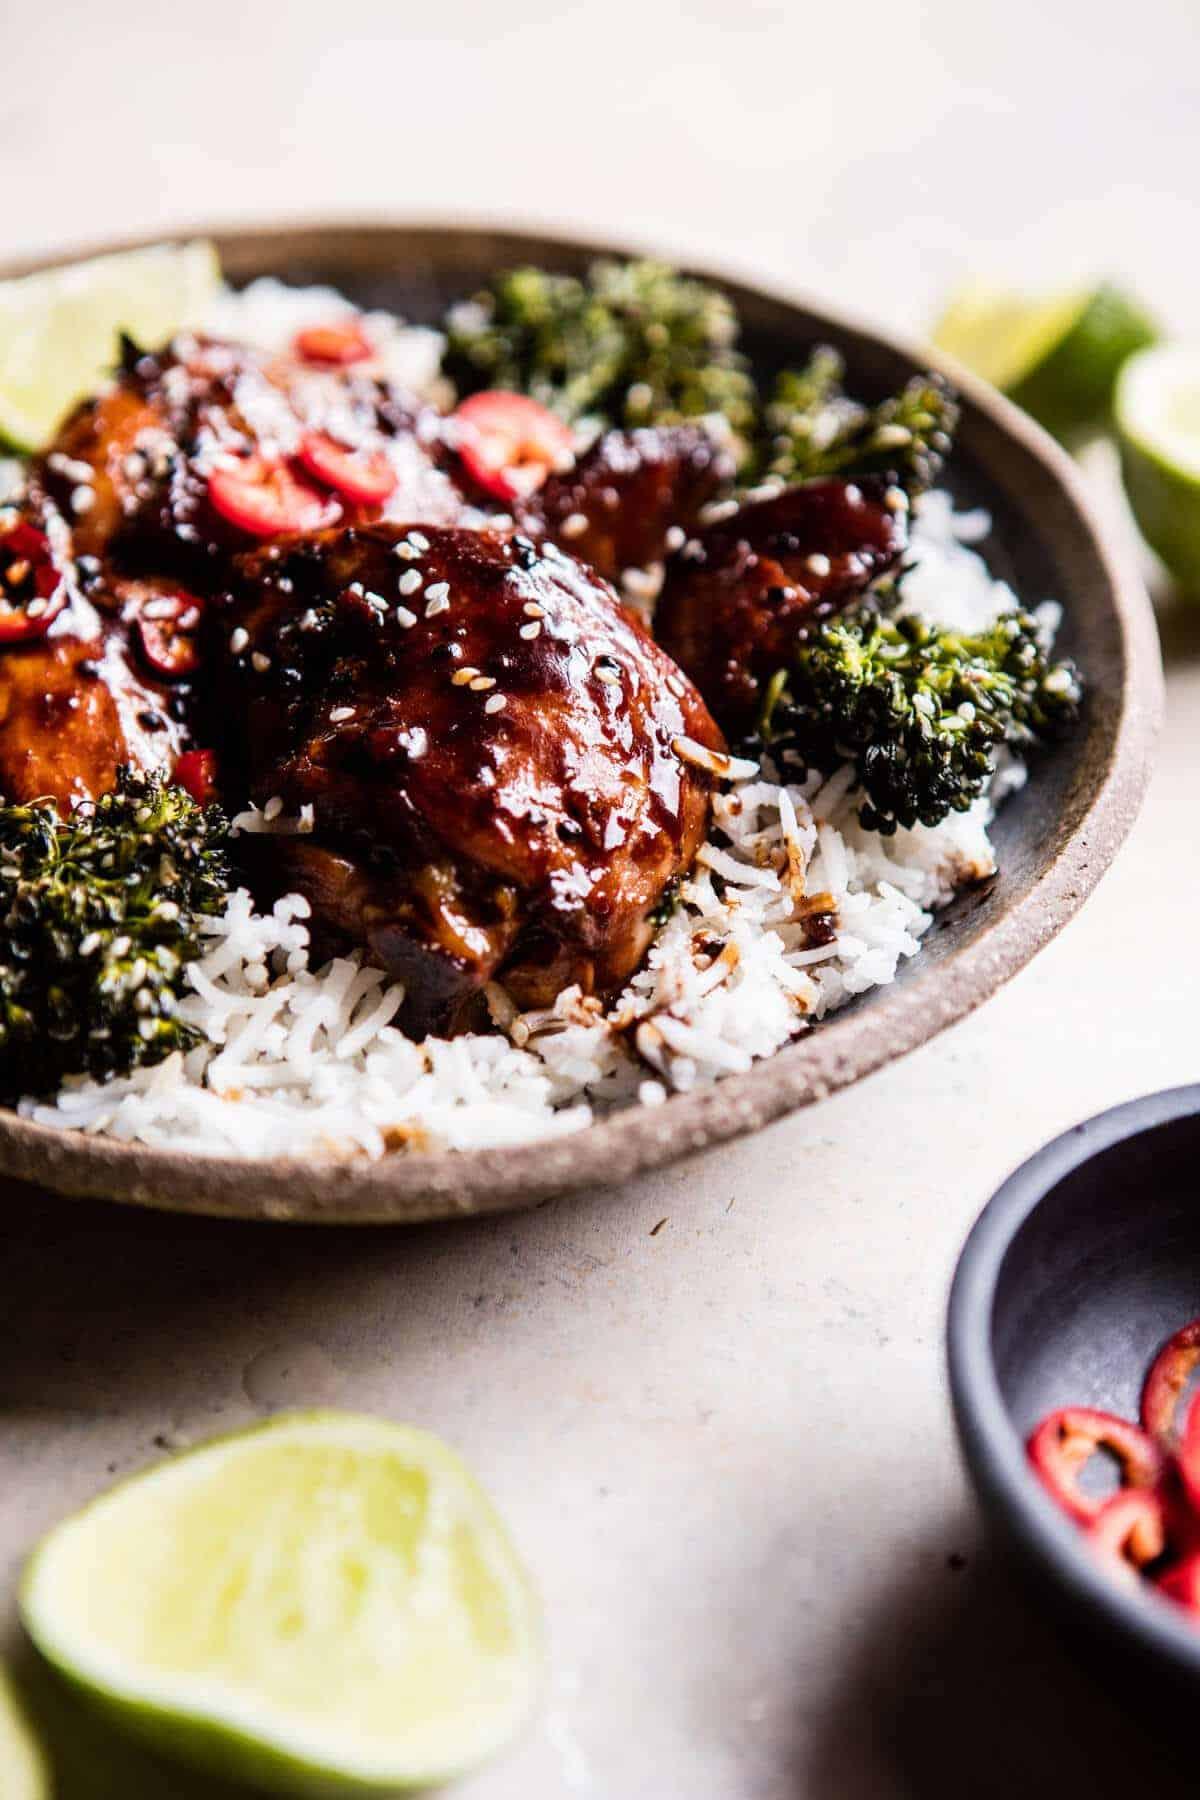 30 Minute Teriyaki Chicken with Sesame Ginger Broccoli | halfbakedharvest.com @hbharvest